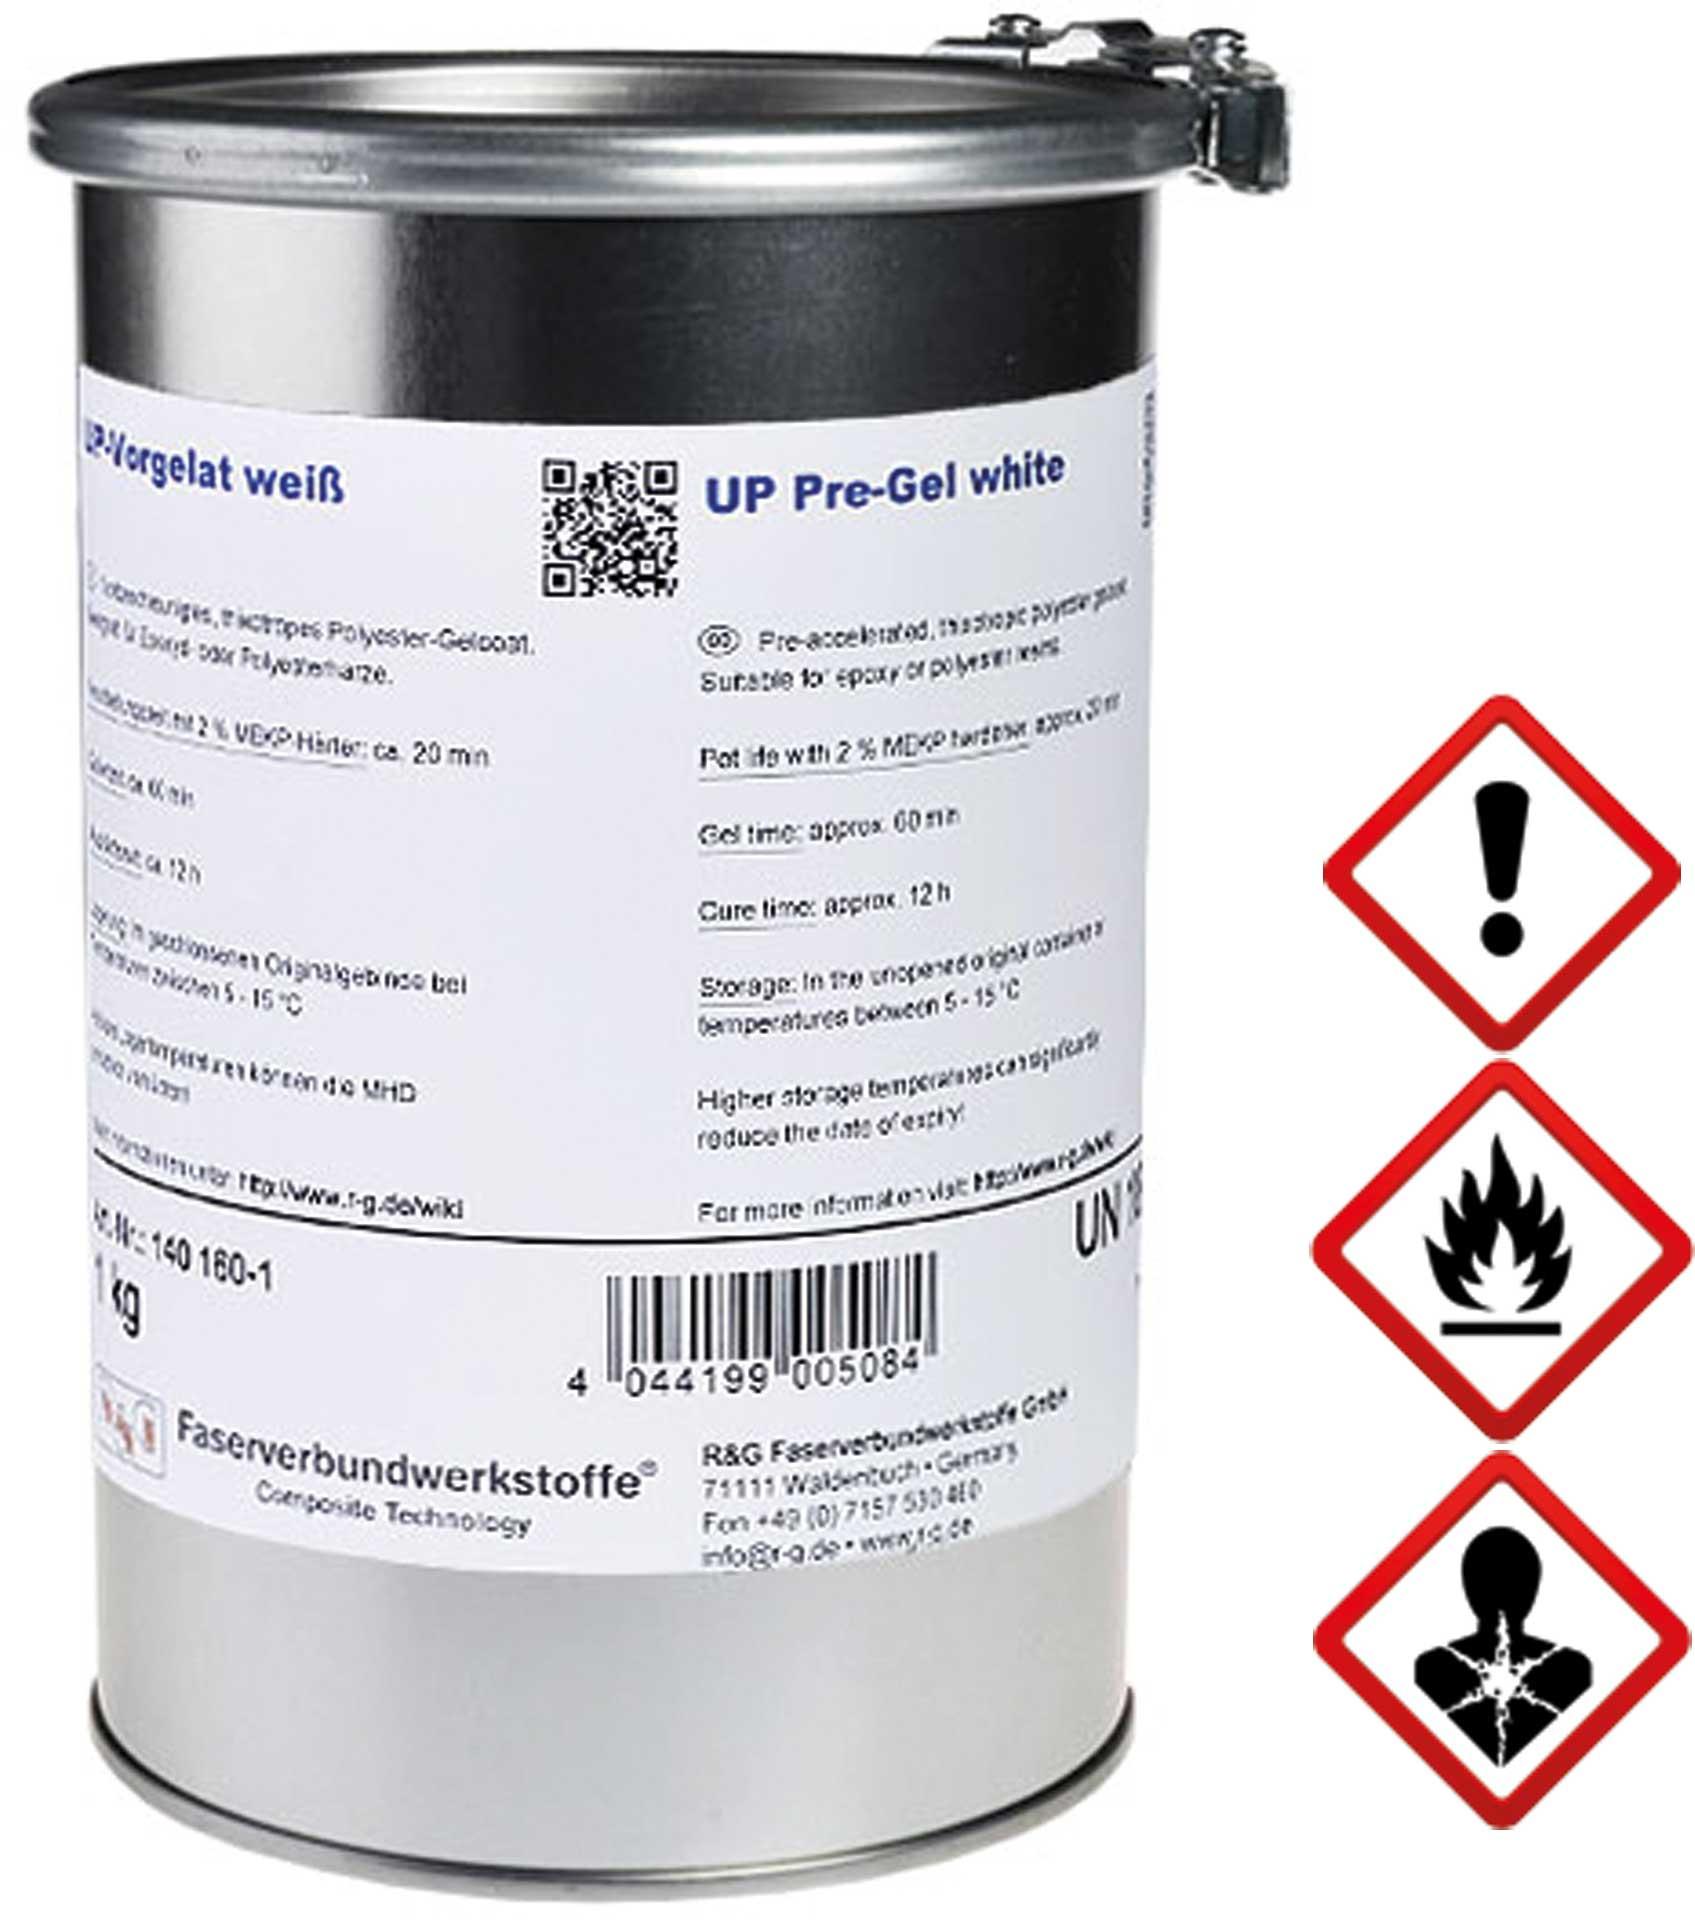 R&G UP-Vorgelat (WEISS) Dose/ 1 kg